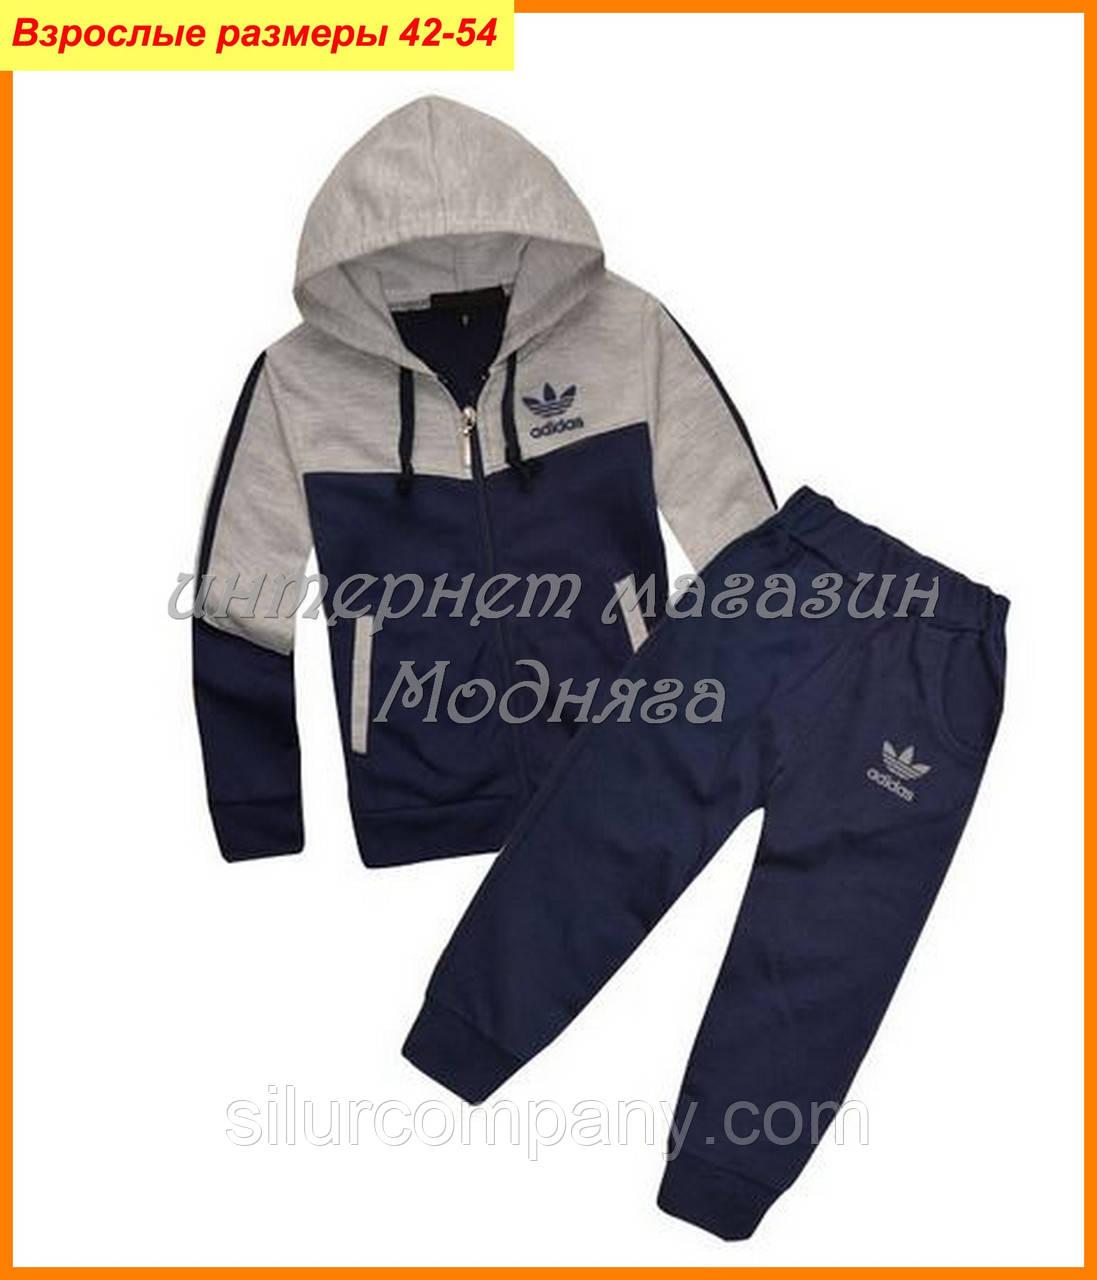 ad1e8614 Недорогие мужские спортивные костюмы Адидас в украине - Интернет магазин